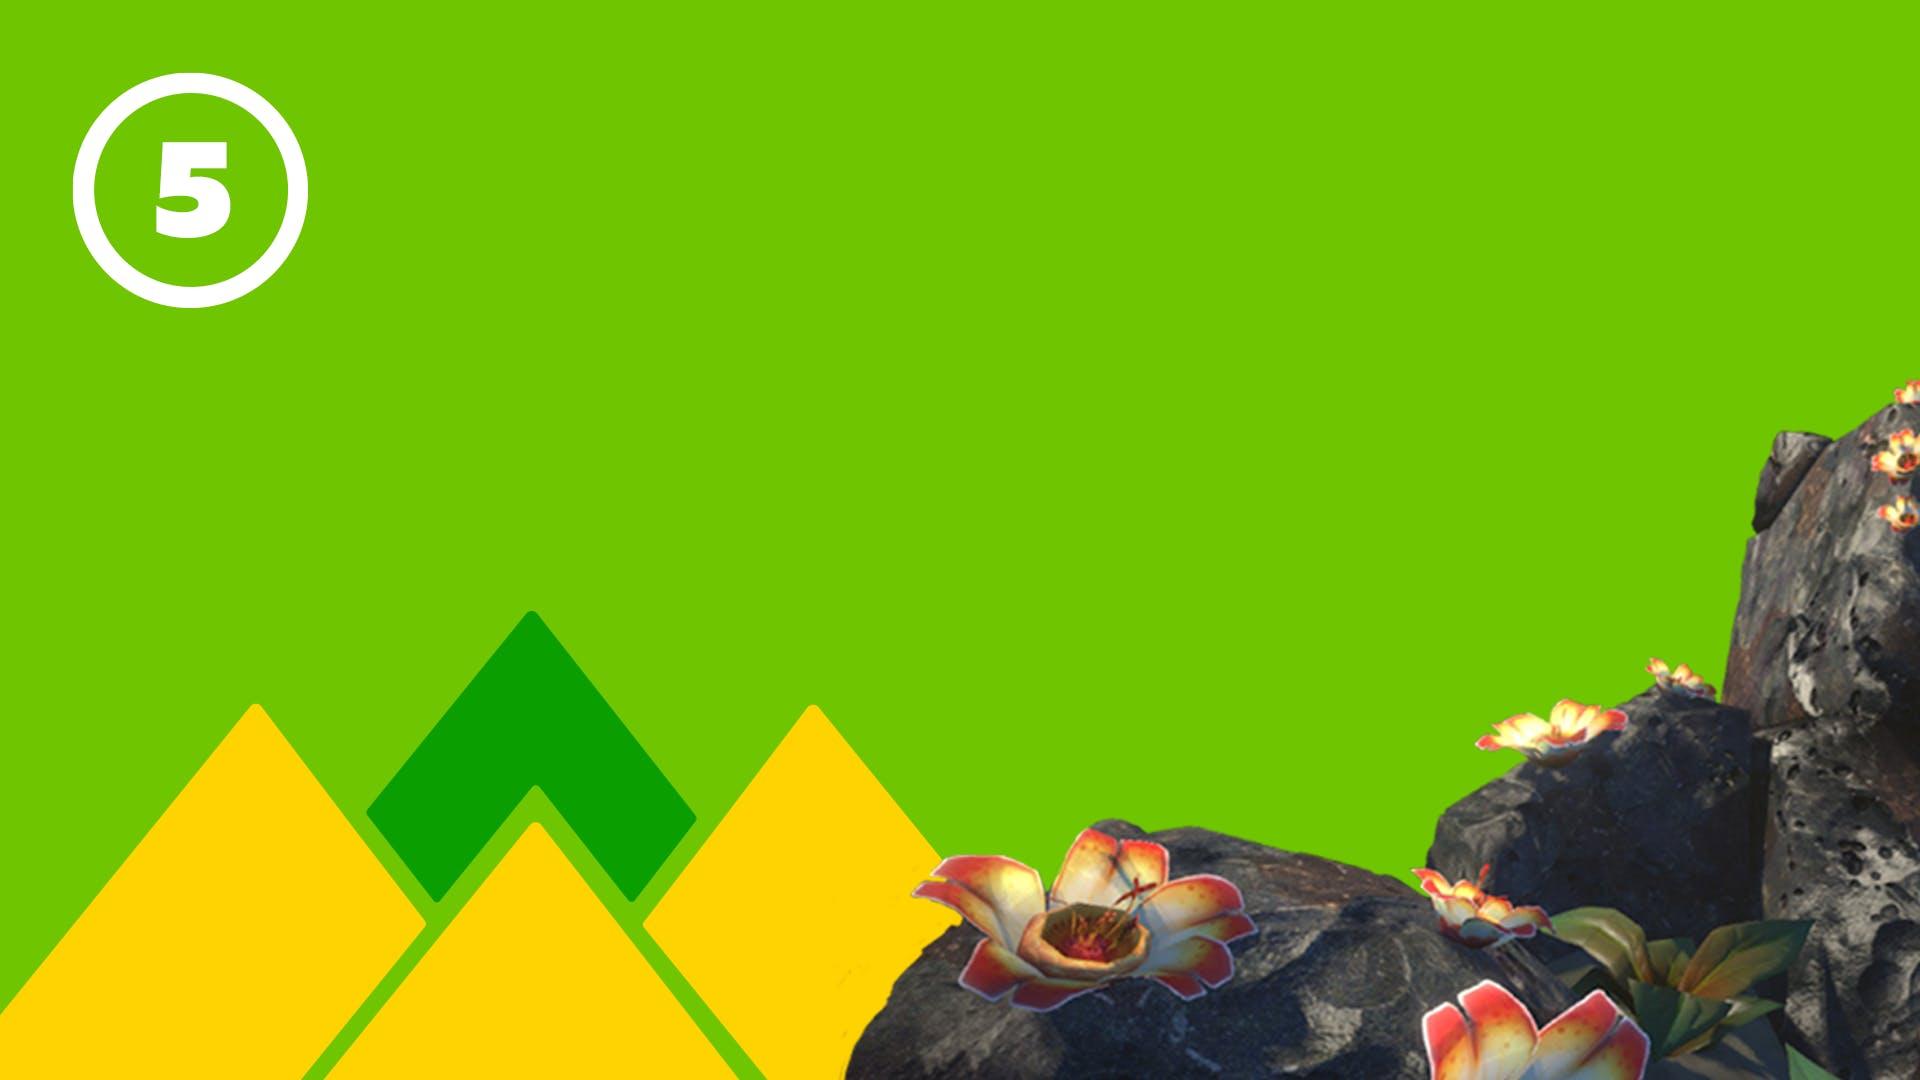 5. ETAPPE: The Volcano